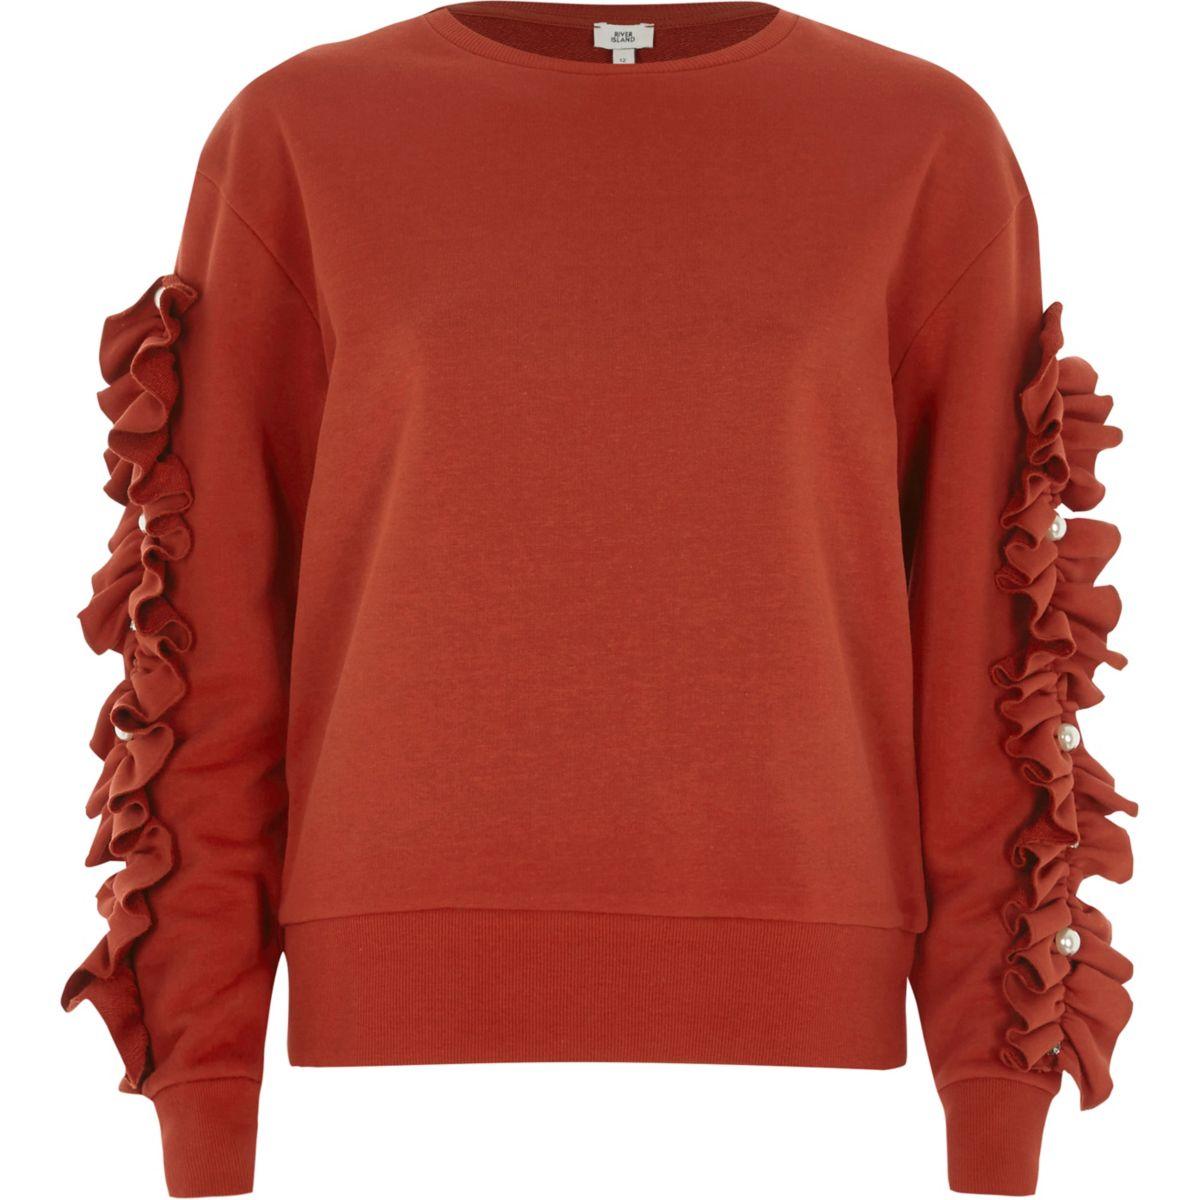 Rotes Sweatshirt mit Rüschen